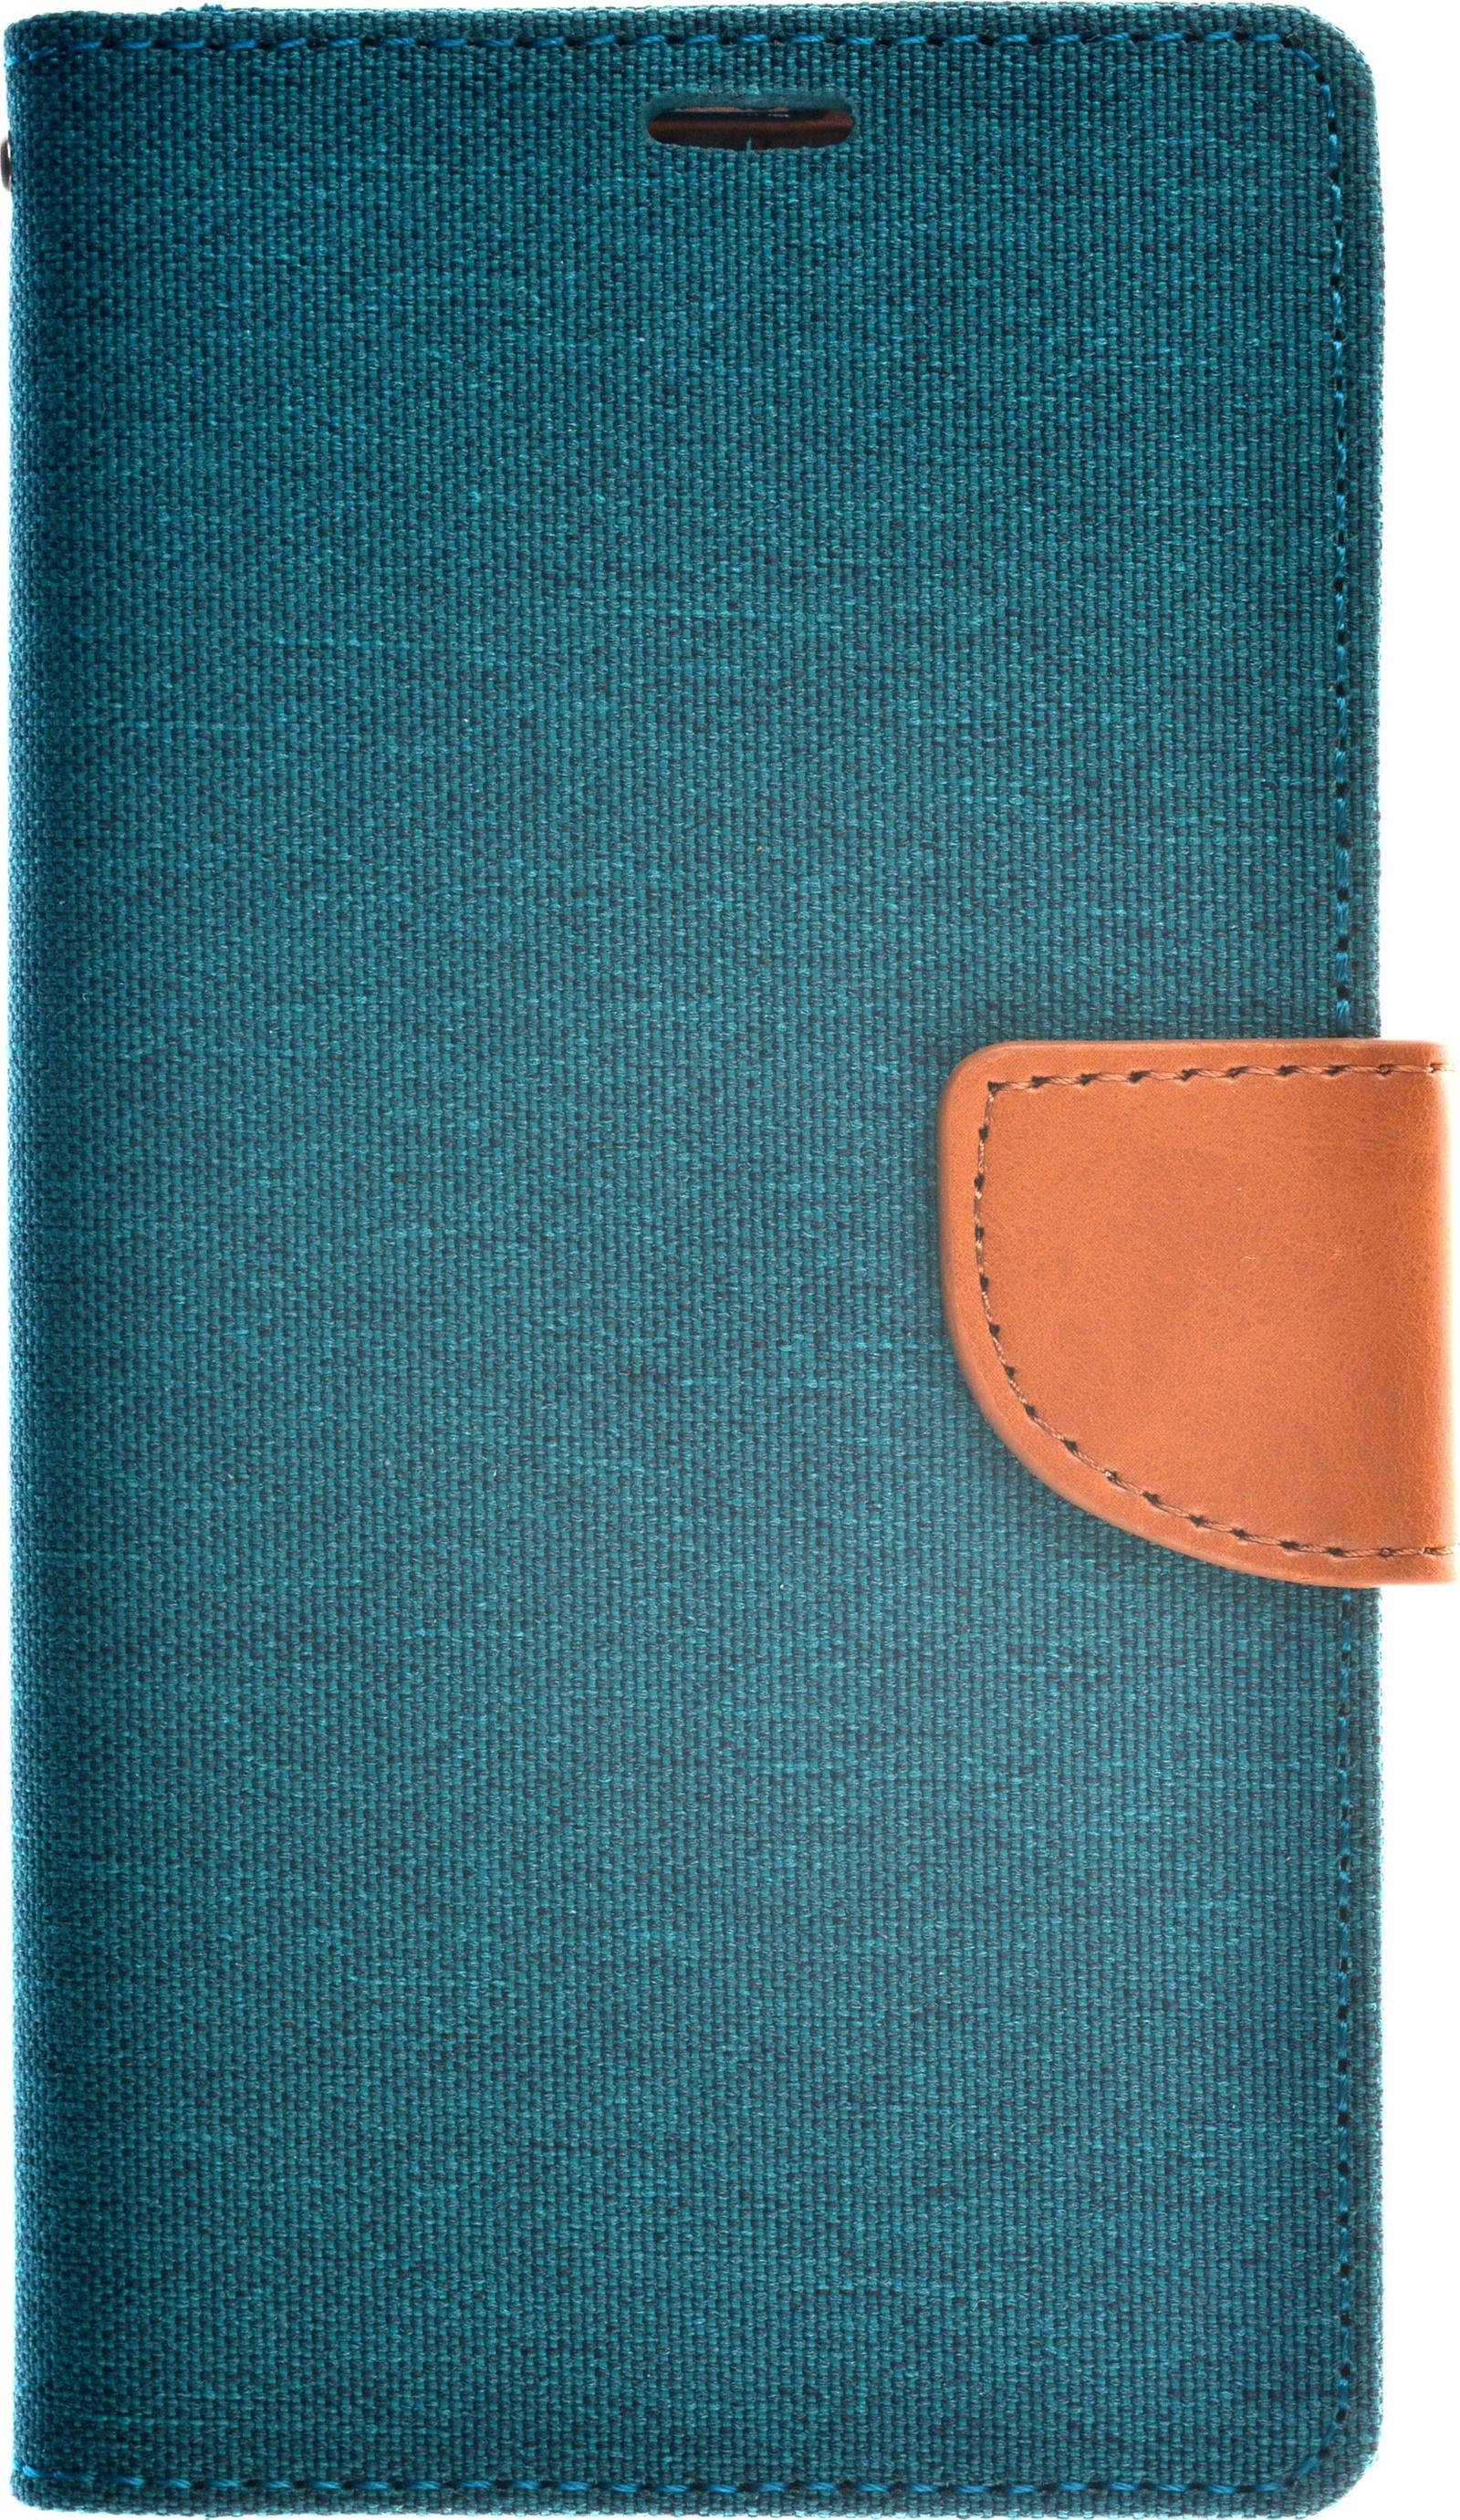 Чехол skinBOX для Asus ZE550KL, 2000000087092, зеленый стоимость